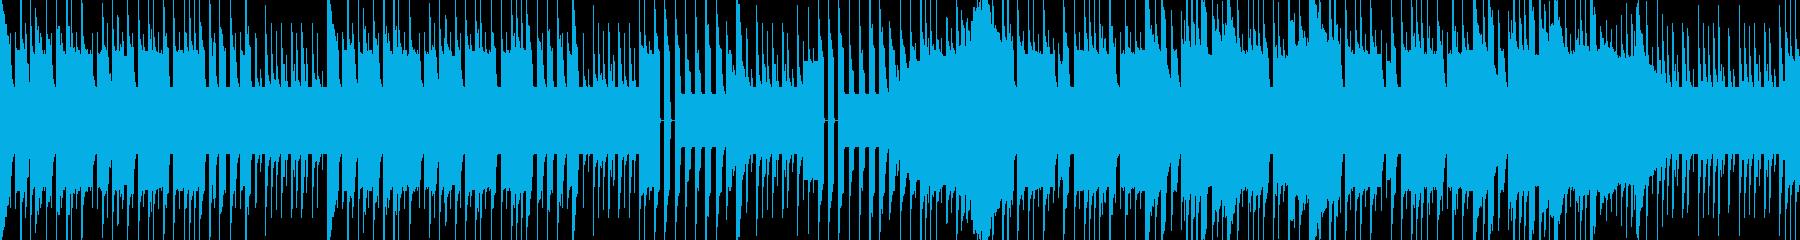 ライバルに出会った風チップチューンBGMの再生済みの波形